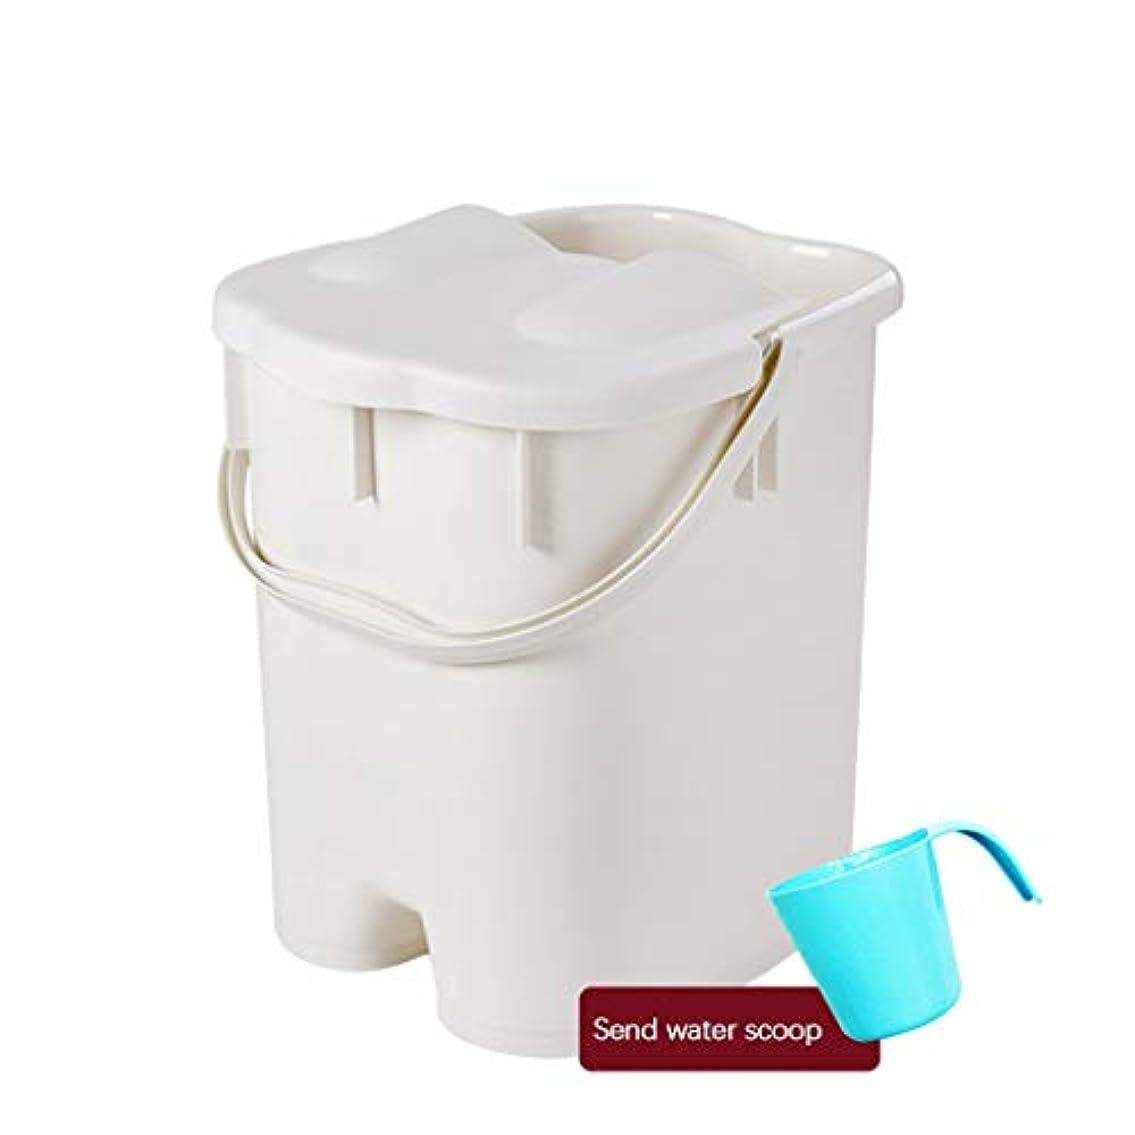 乱暴な快い腹フットバスバレル- ?AMTポータブルマッサージ浴槽プラスチック足湯バケツ付き蓋保温足風呂盆地大人スパボウル世帯 Relax foot (色 : 白, サイズ さいず : 27*30.5*38.5cm)